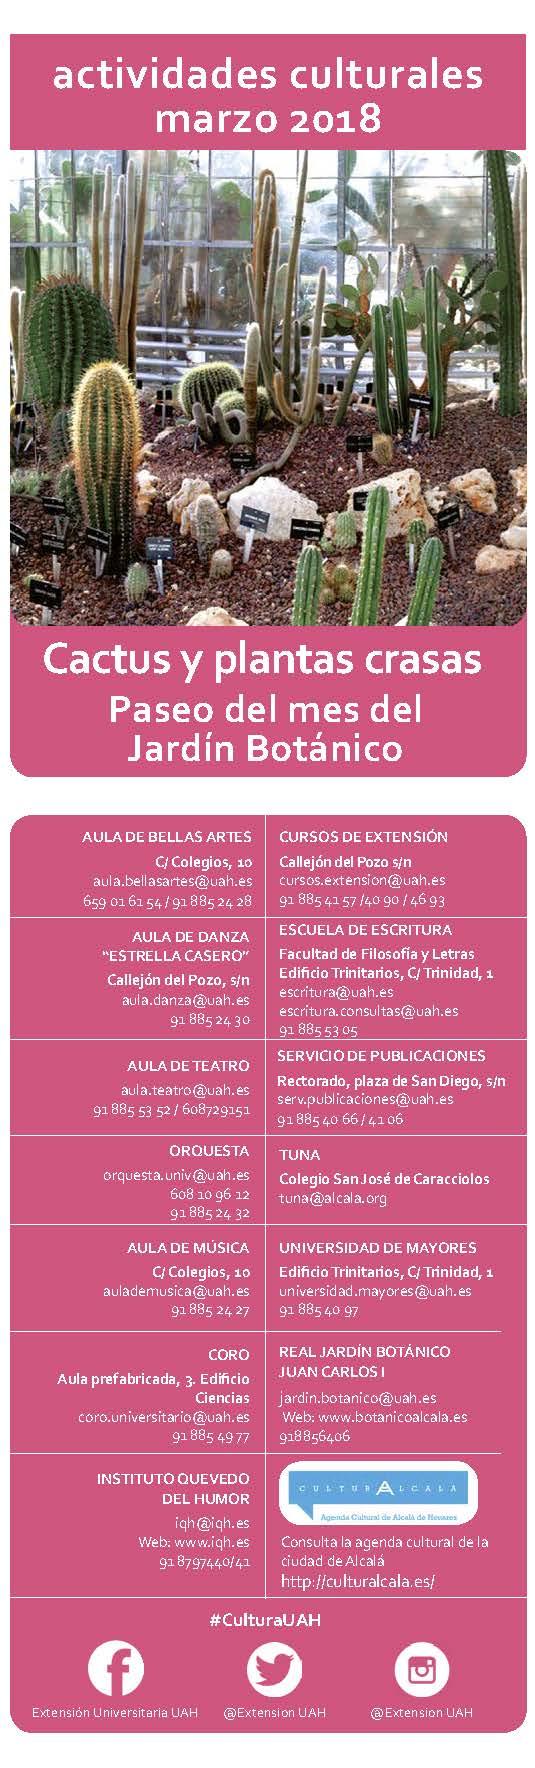 actividades-culturales-junio-2017-universidad-alcala-henares